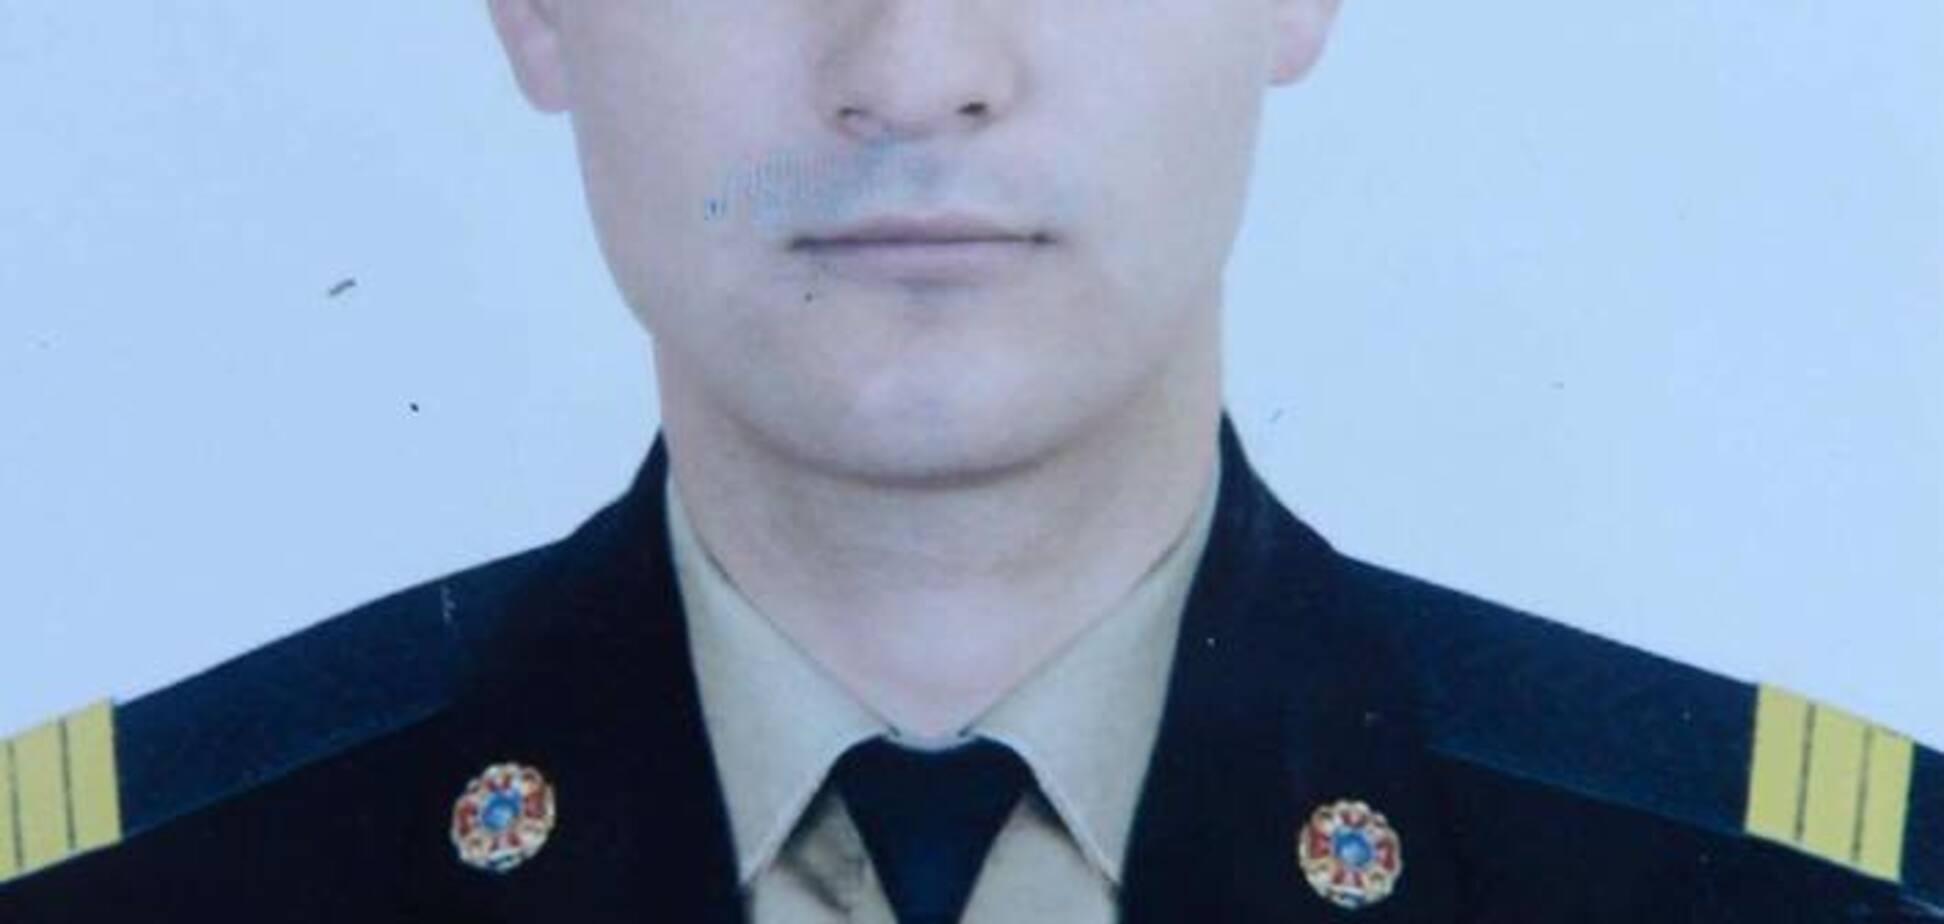 Трагічна пожежа в Херсоні: стало відомо про стан рятувальника-героя